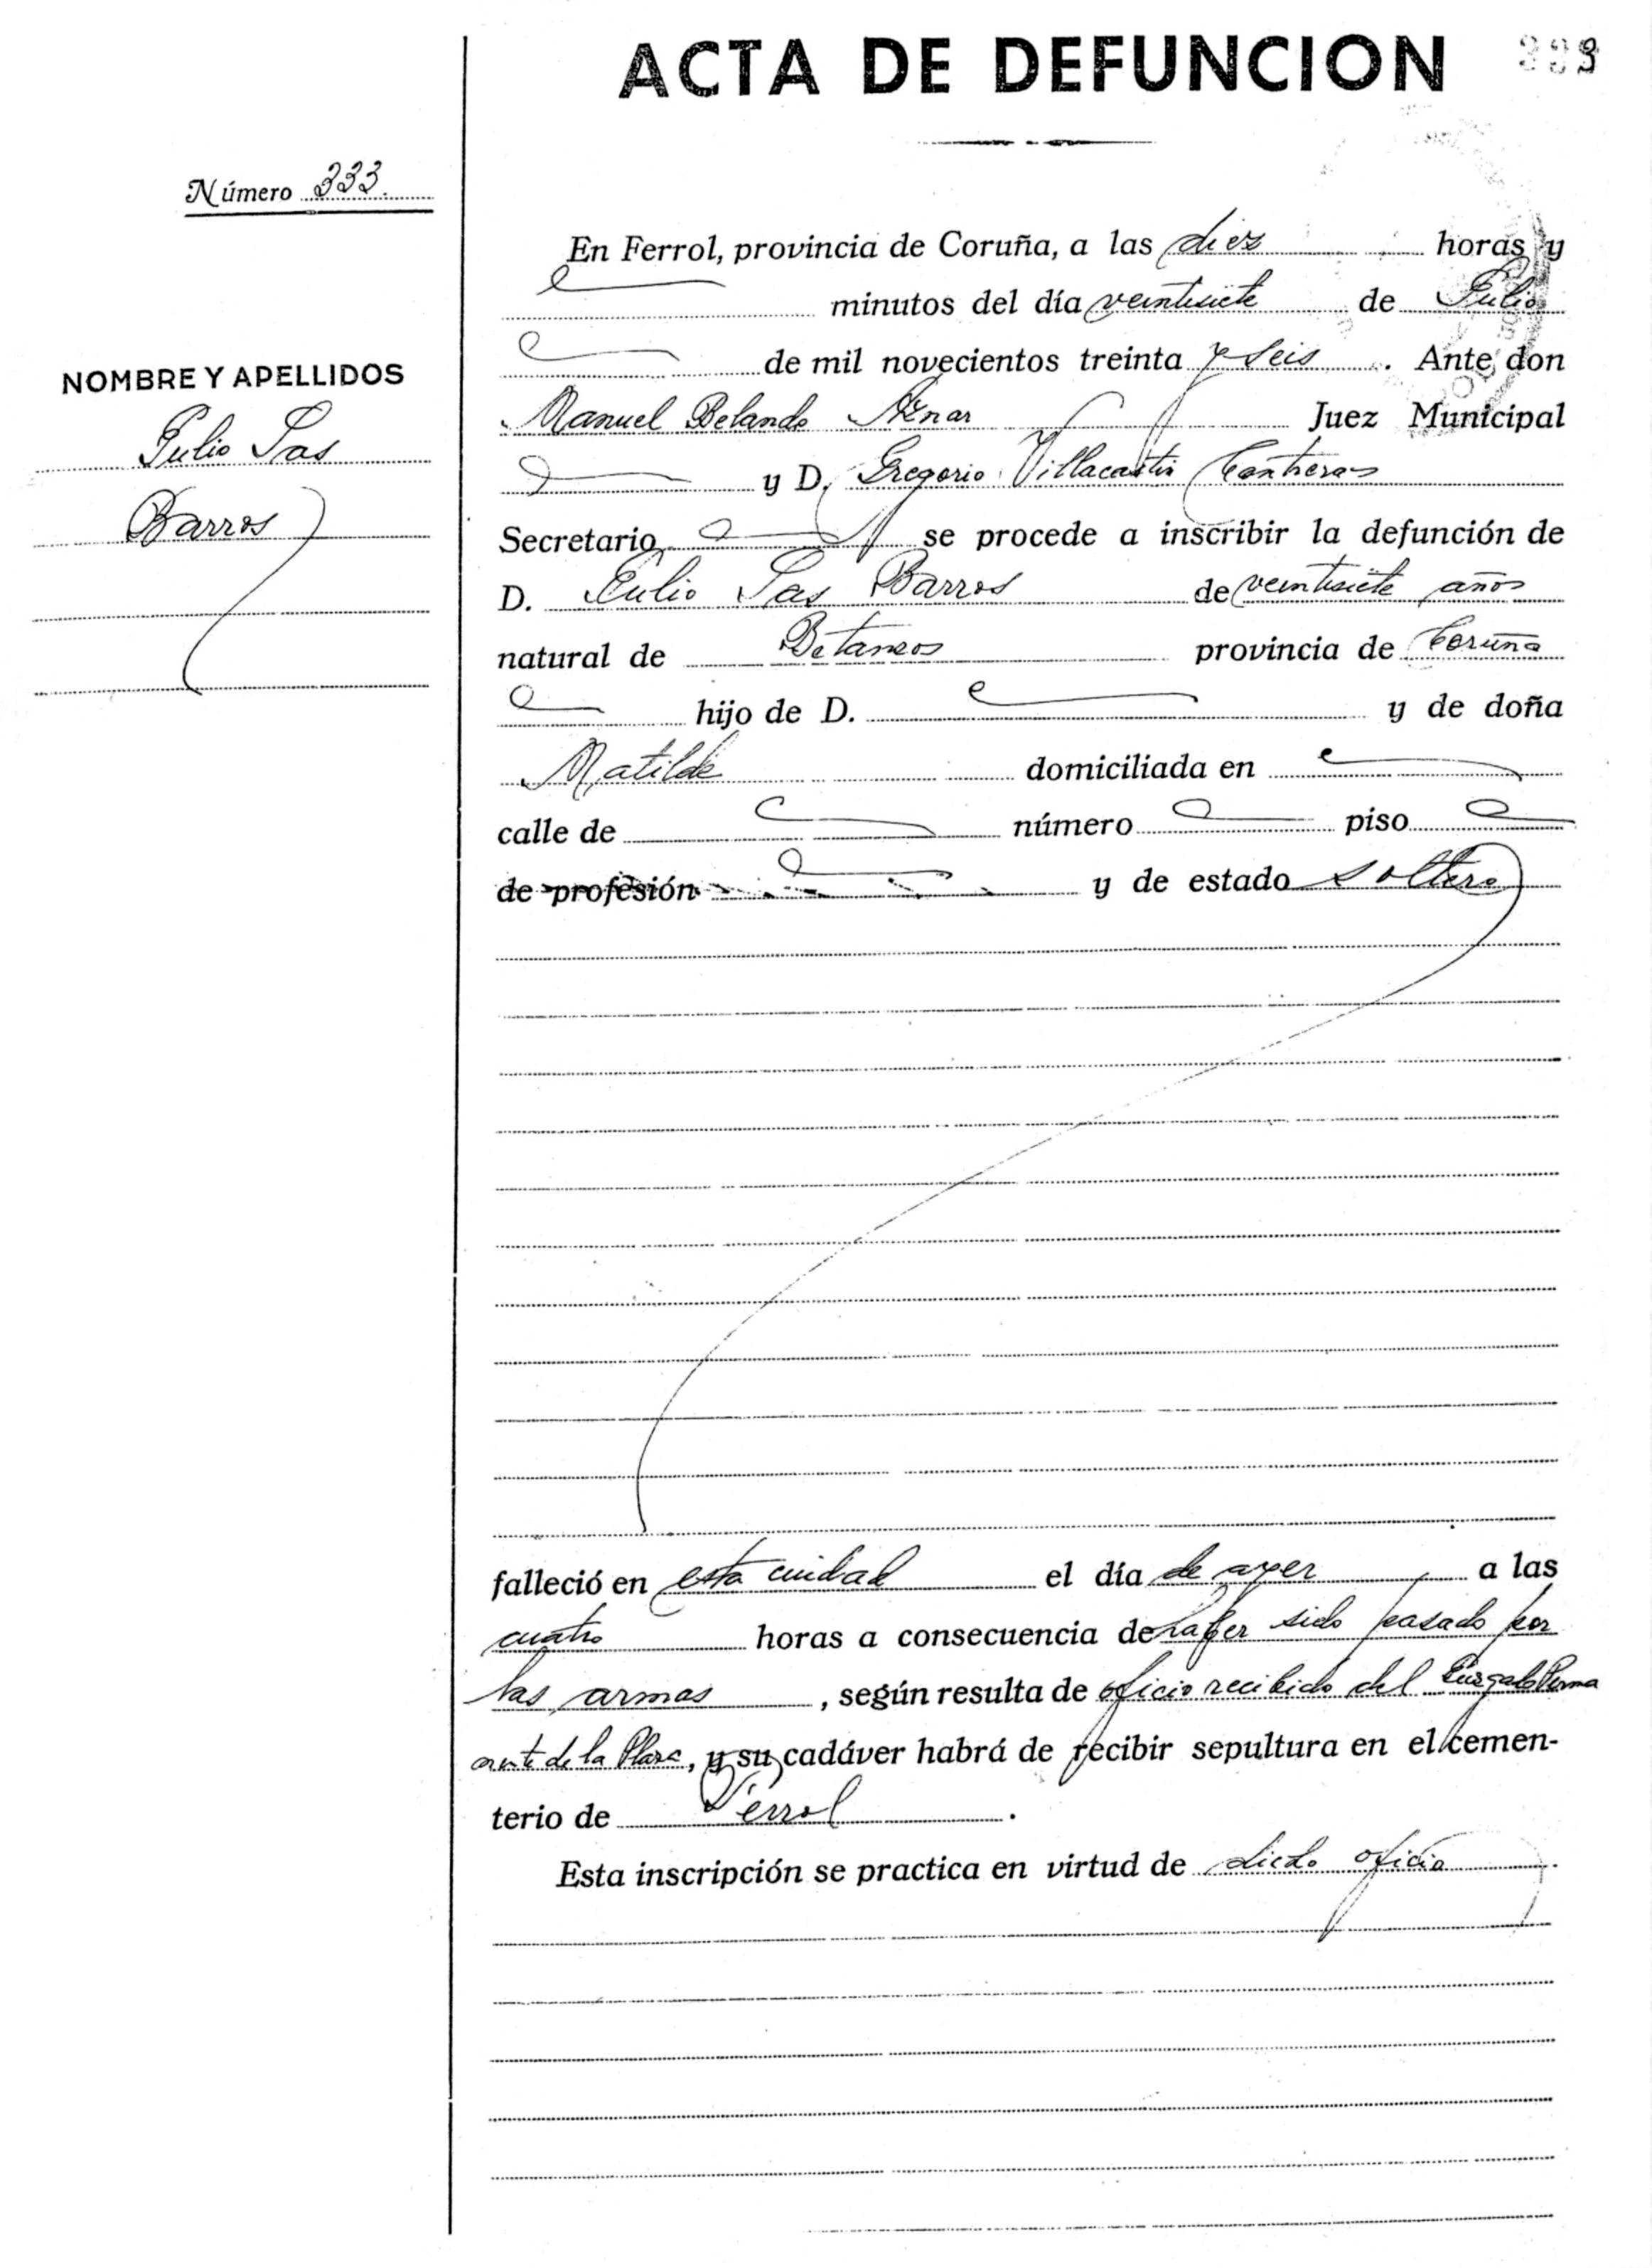 Acta de defunció de Julio Sas Barros